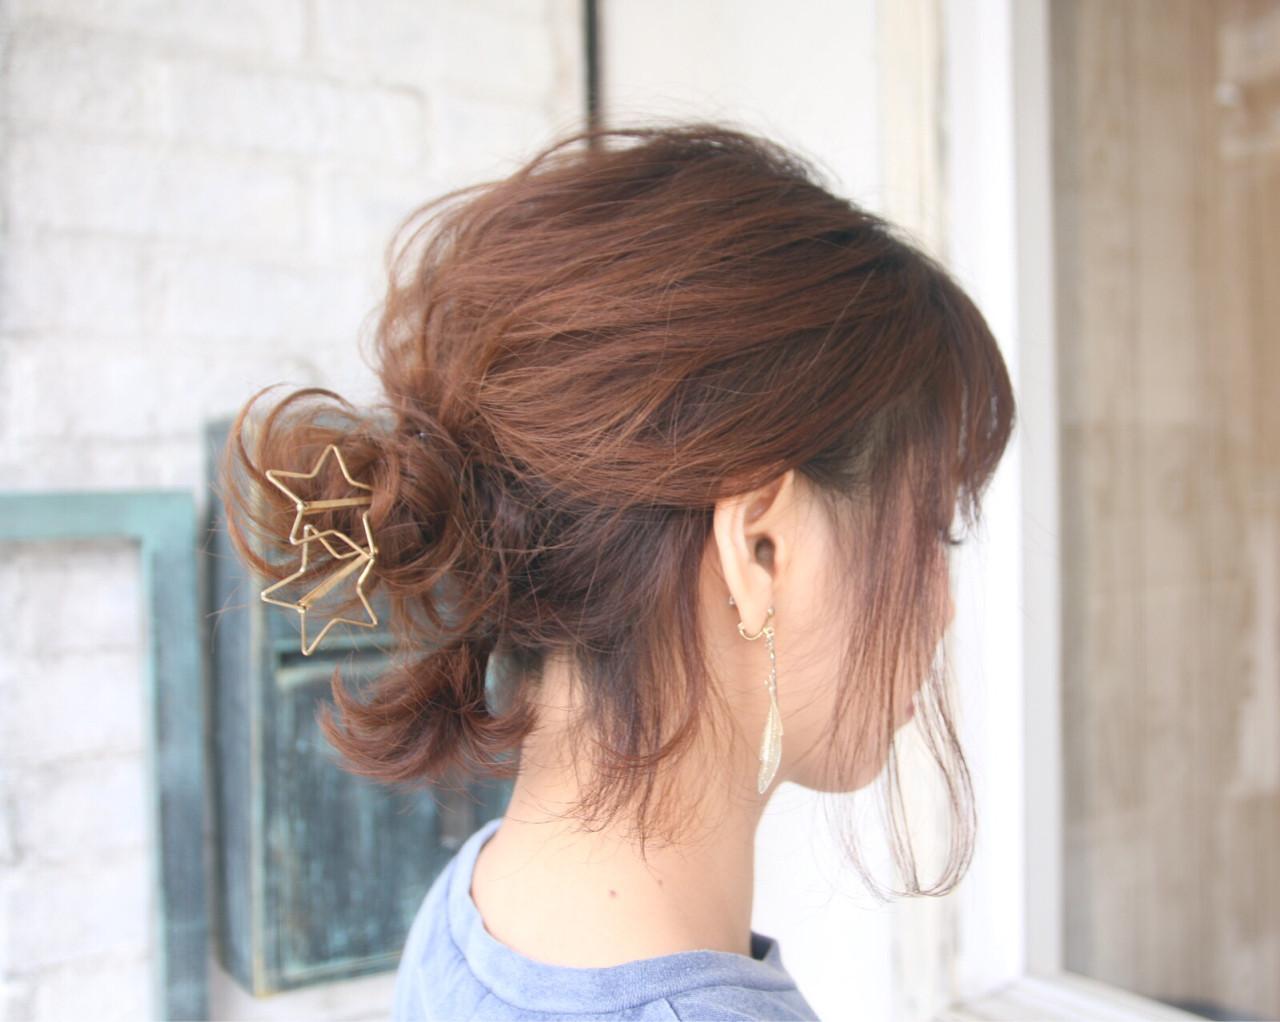 ヘアアレンジ デート ショート お団子 ヘアスタイルや髪型の写真・画像